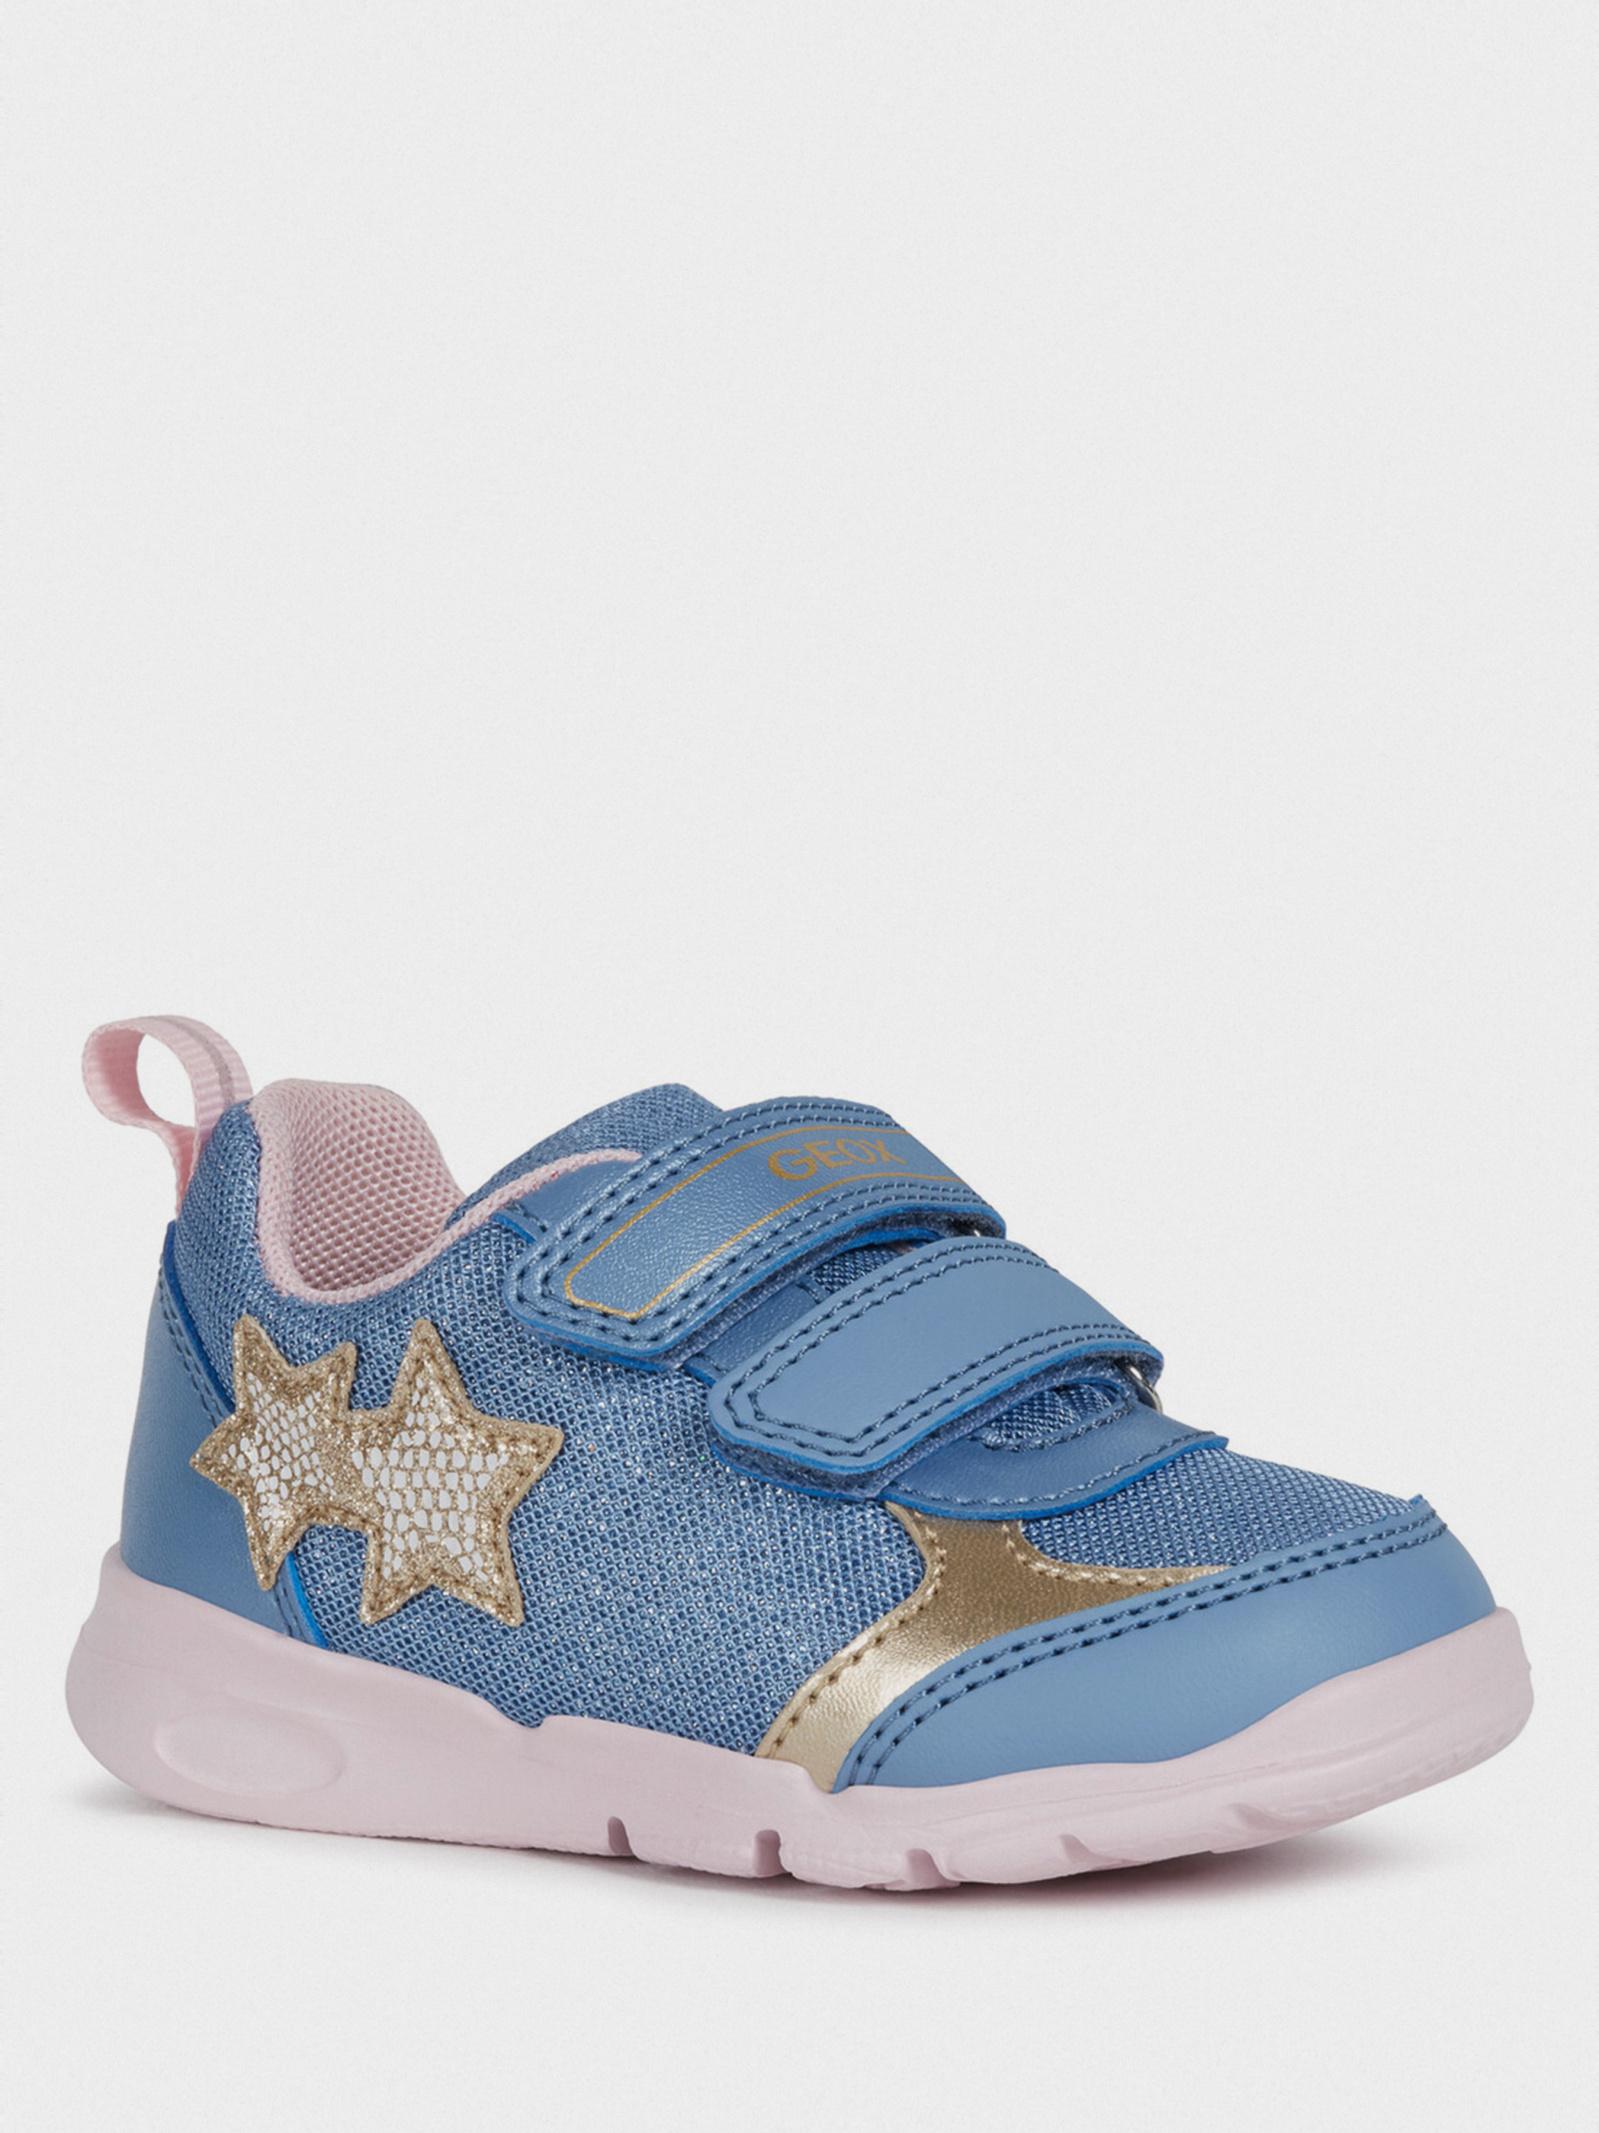 Кросівки  дитячі Geox B RUNNER GIRL B02H8C-01402-C4234 модне взуття, 2017